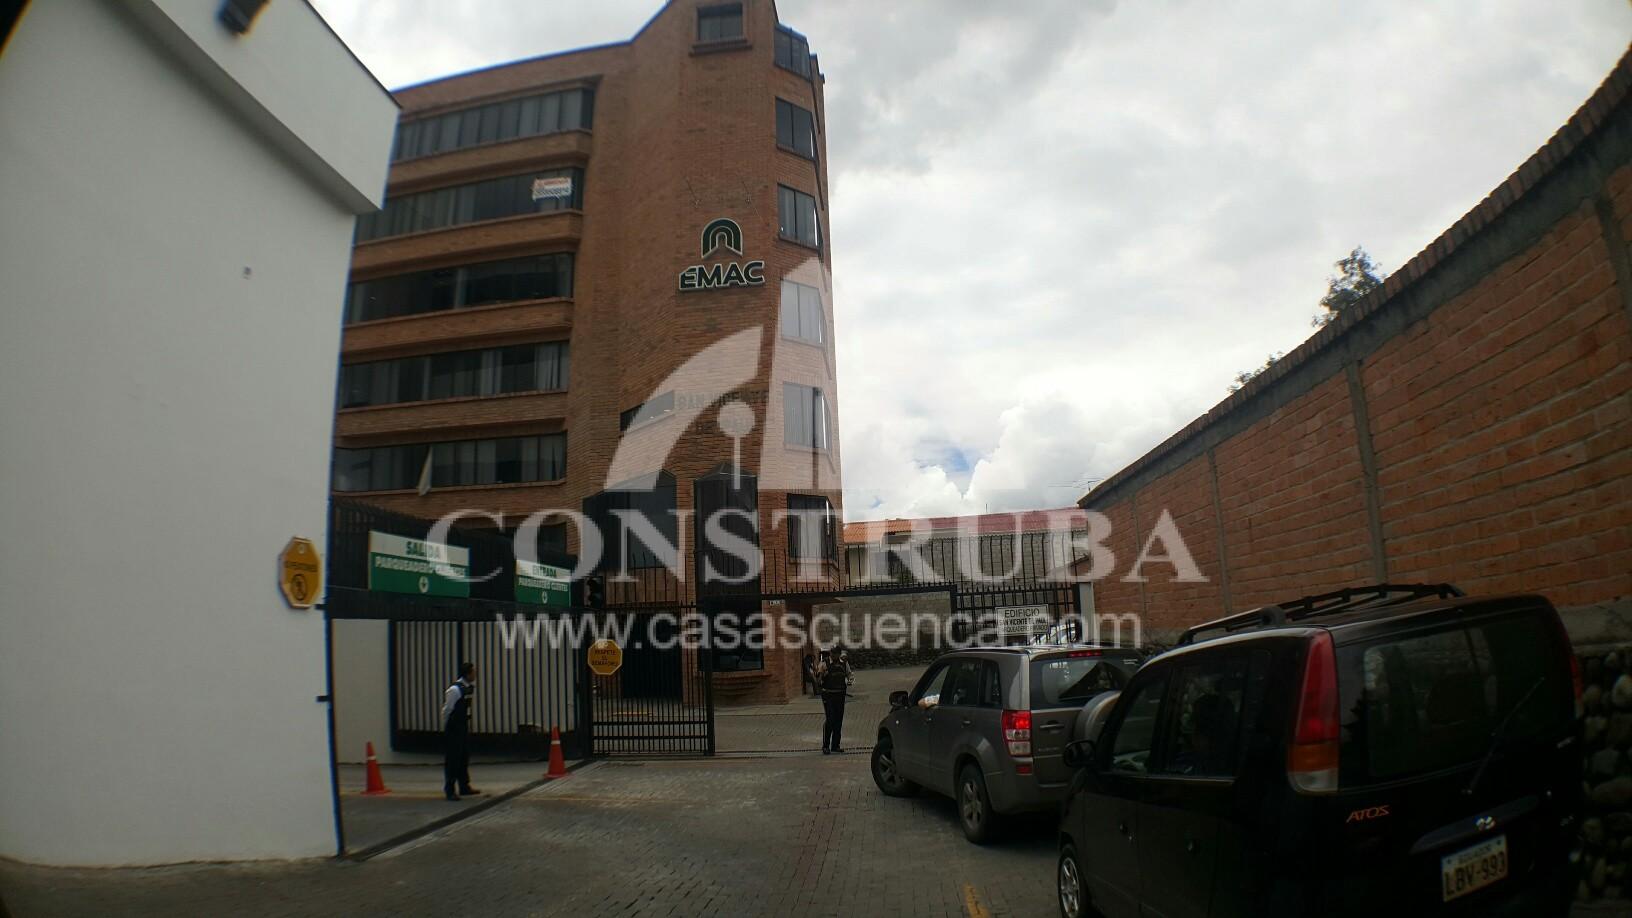 Oficina en venta o arriendo edificio san vicente de pa l casas cuenca - Edificio de oficinas ...